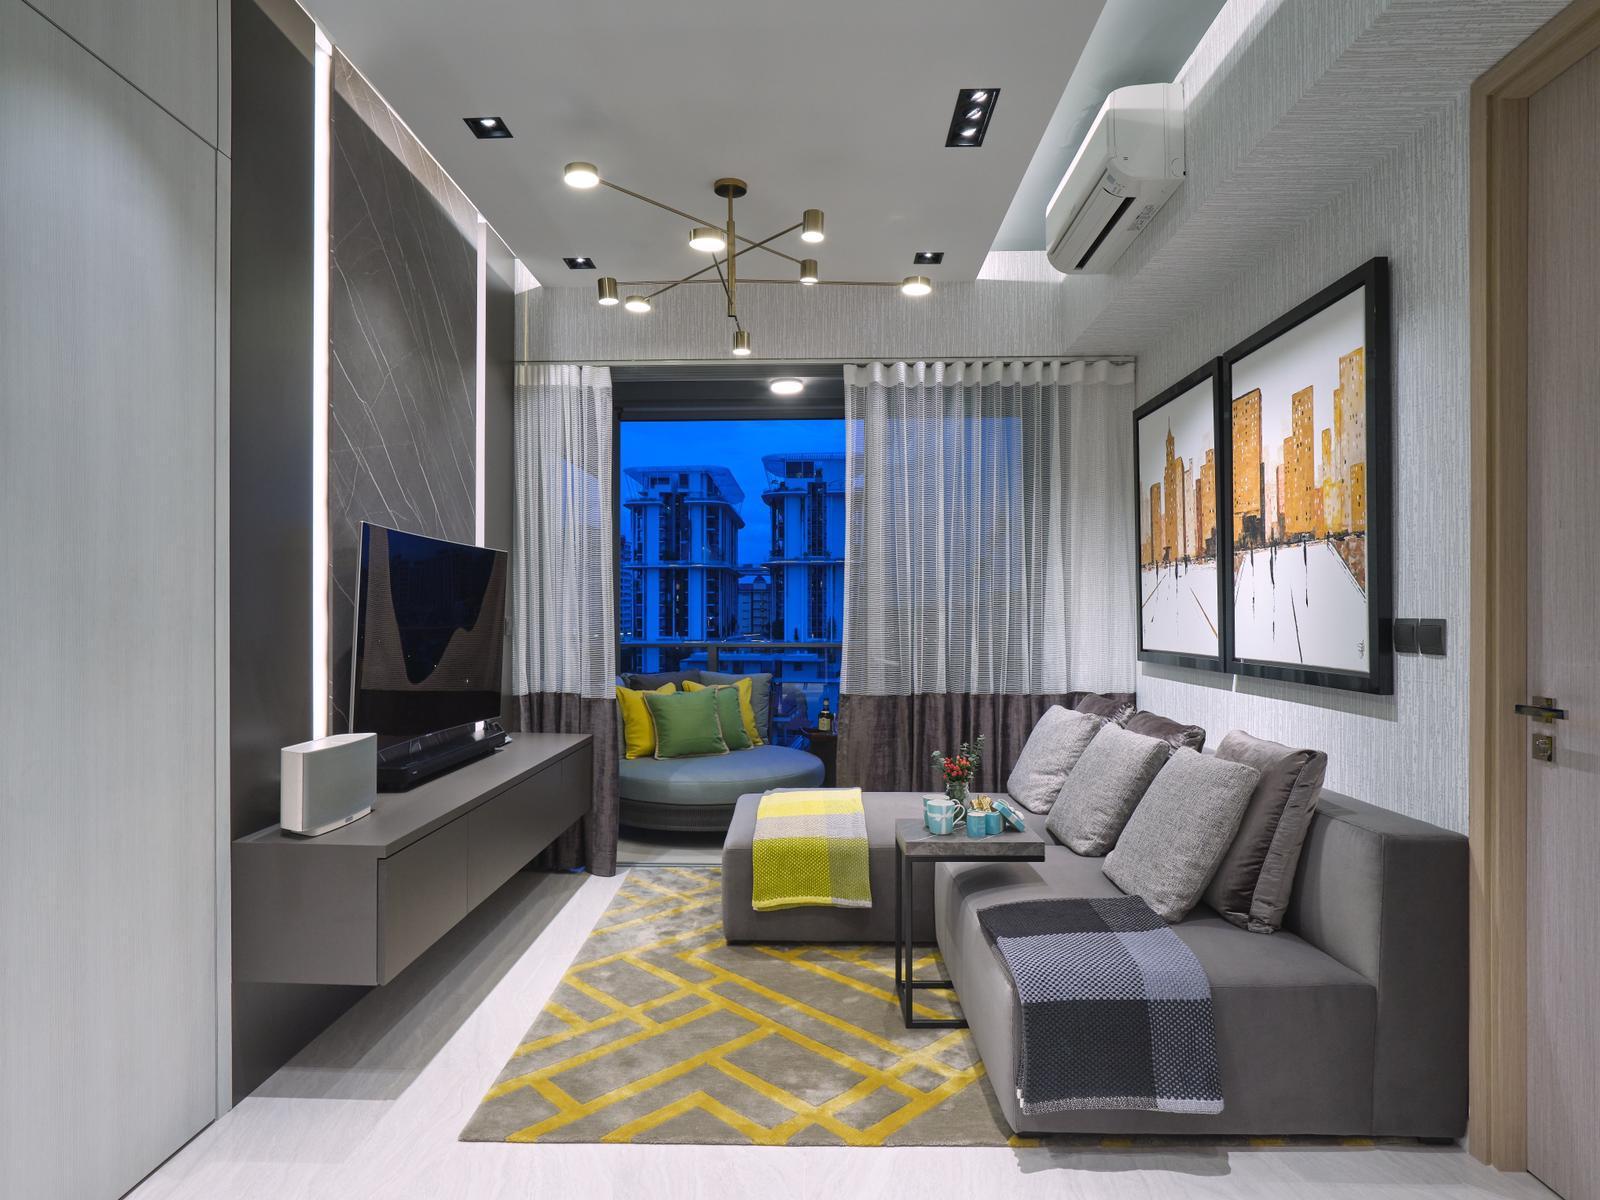 squarerooms spaceone interior design eclectic condominium unit monochromatic bold colourful artwork living room